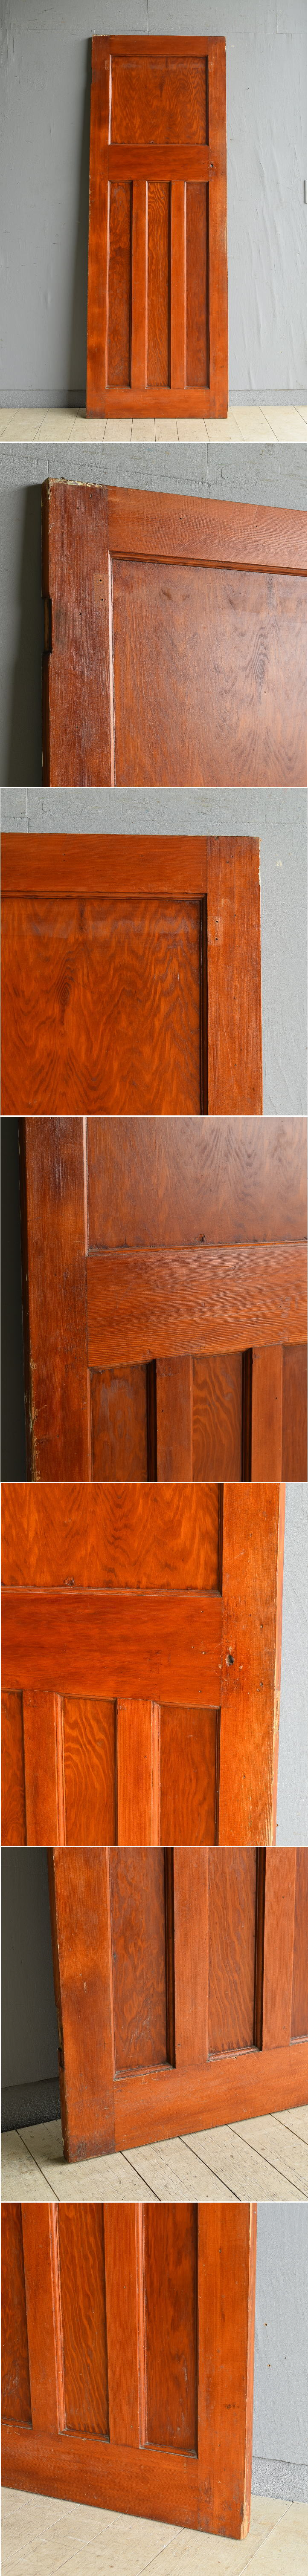 イギリス アンティーク ドア 扉 建具 8035